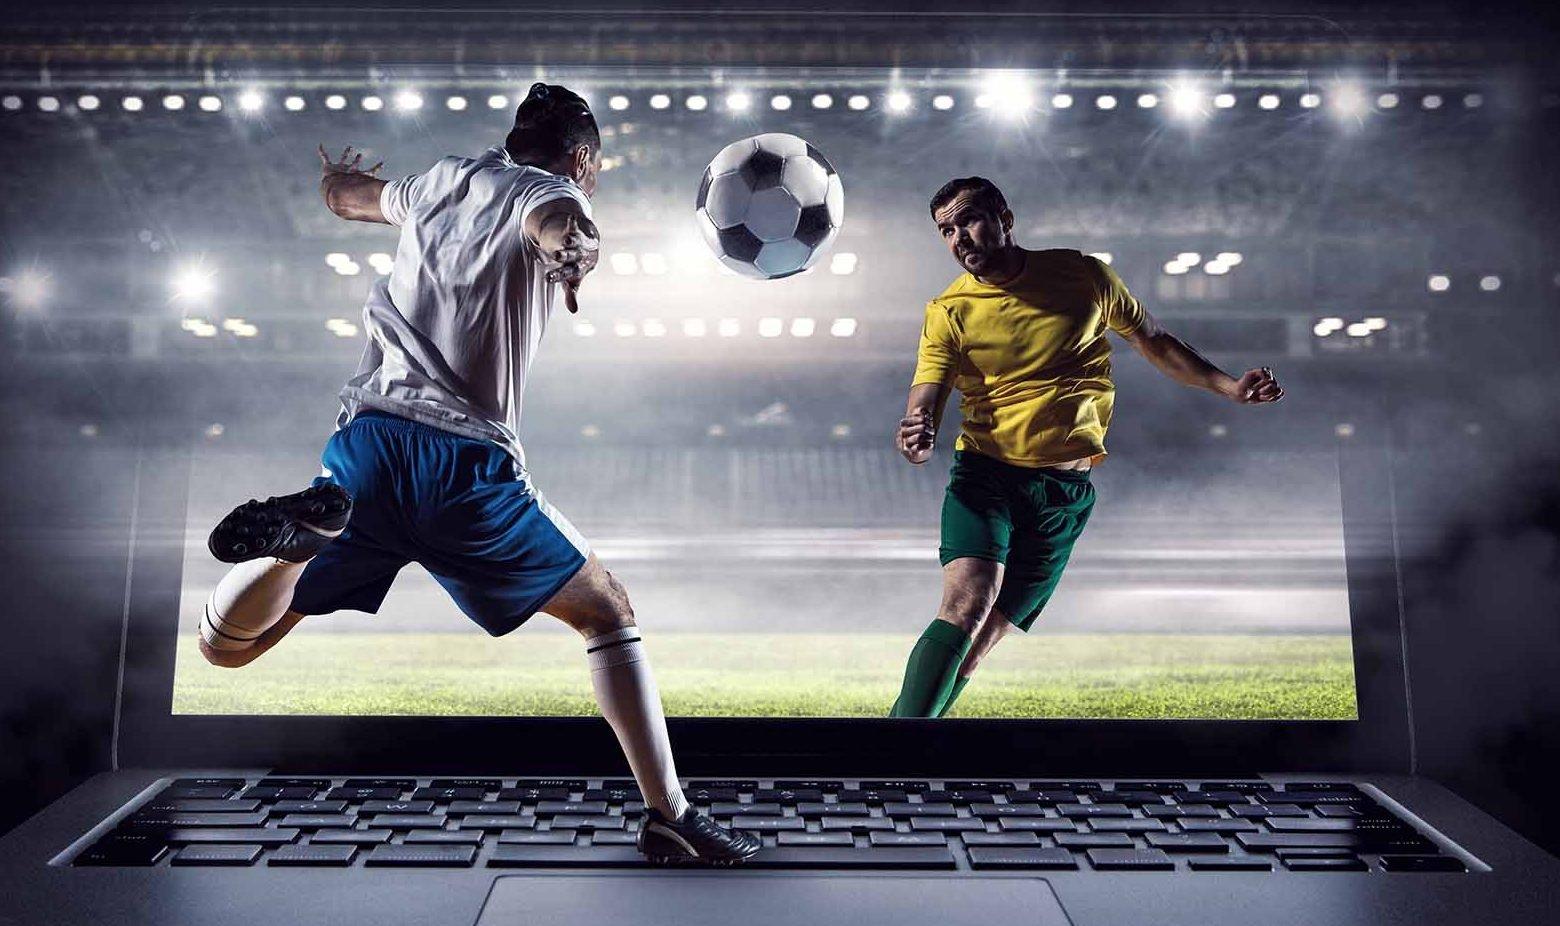 Бк фаворит спорт украина на сегодня